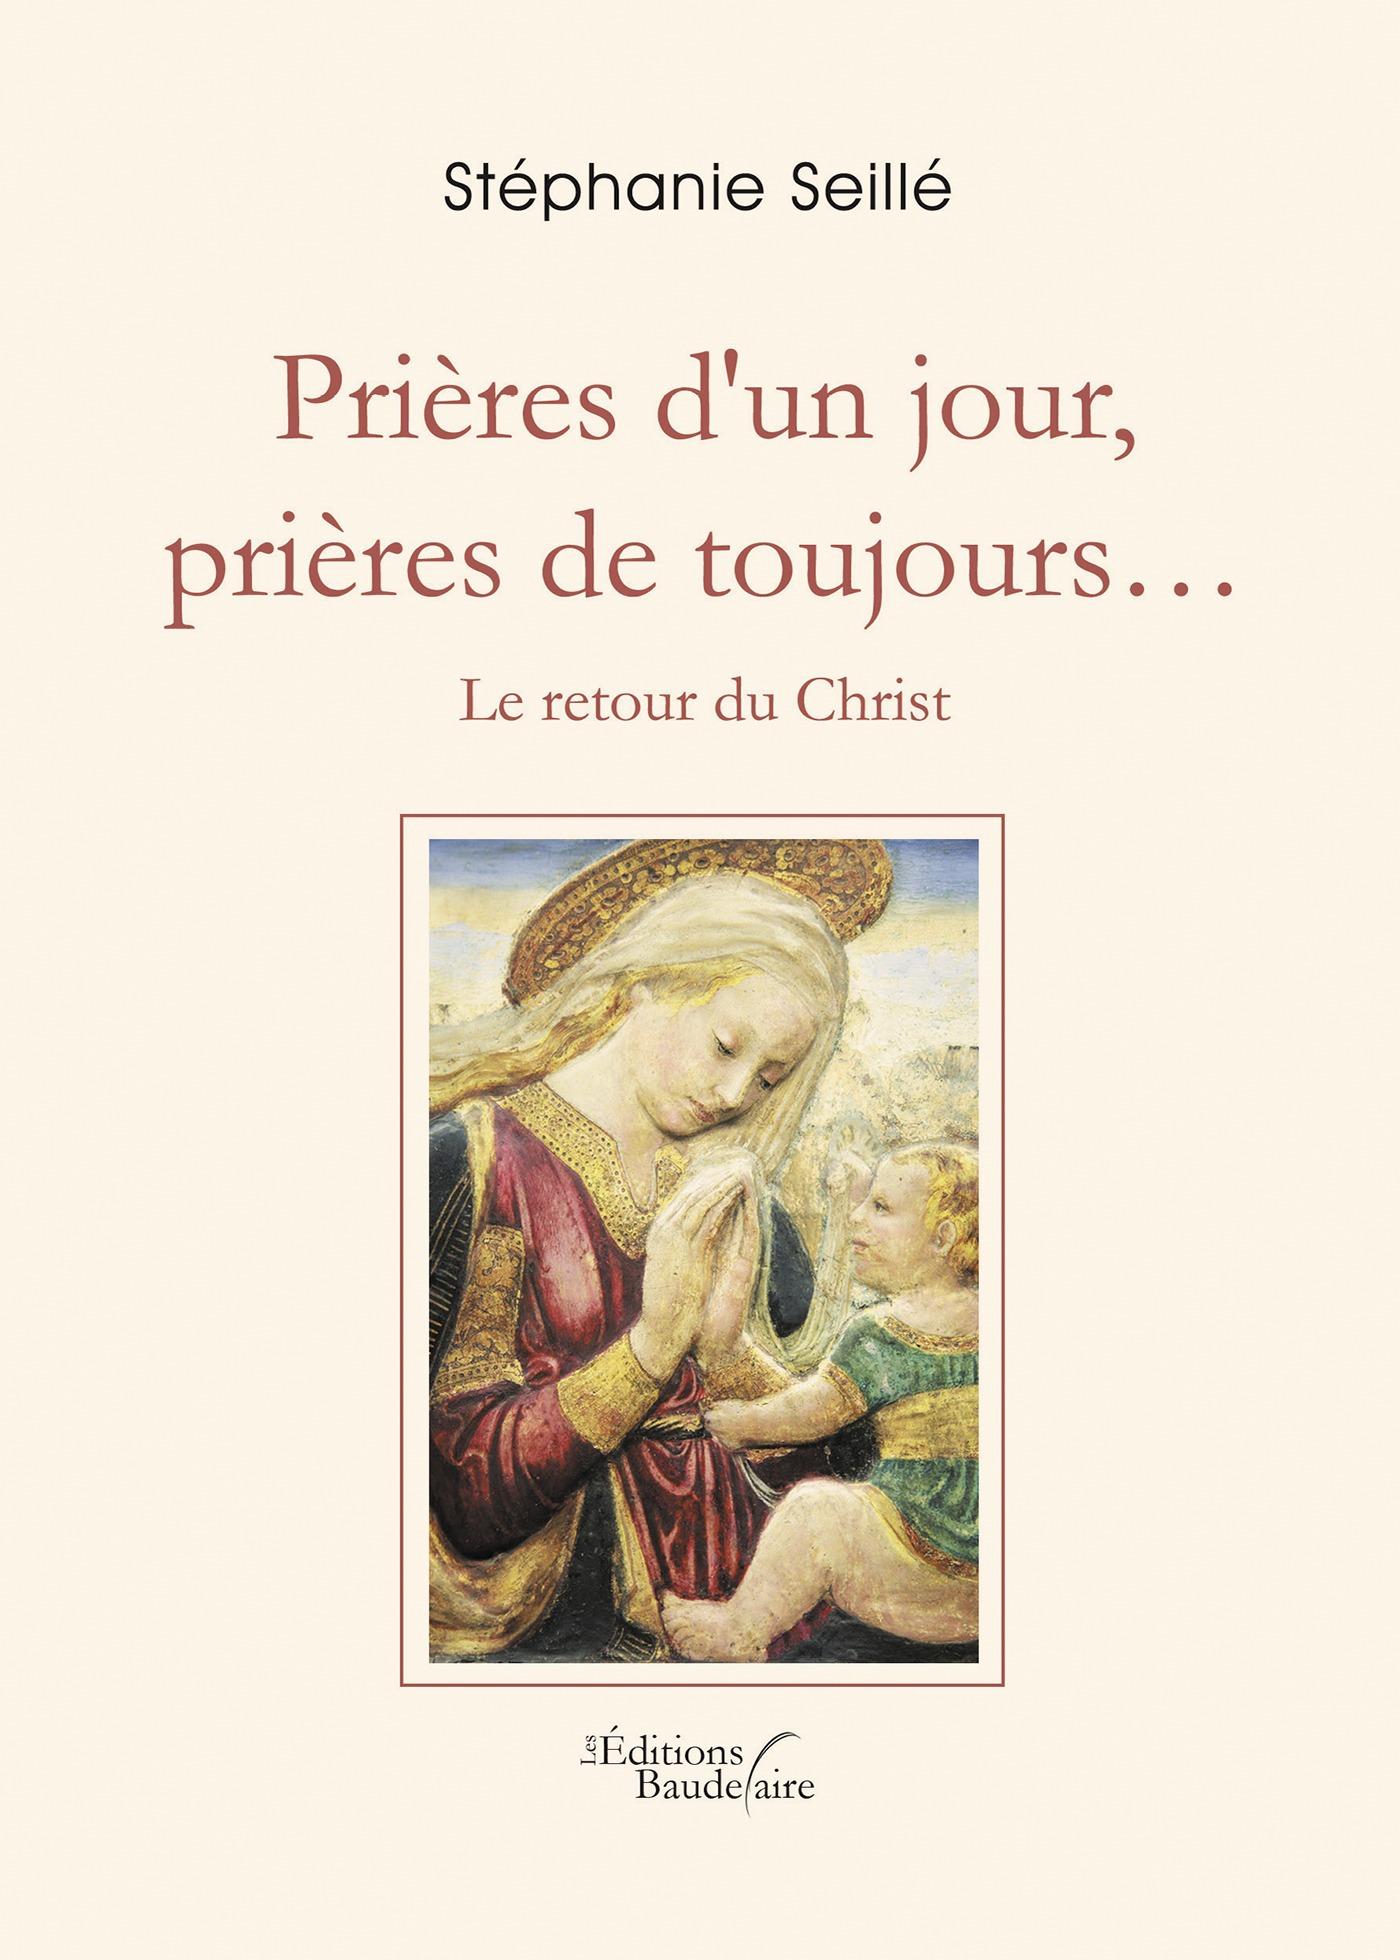 Stéphanie Seillé Prières d'un jour, prières de toujours... - Le retour du Christ